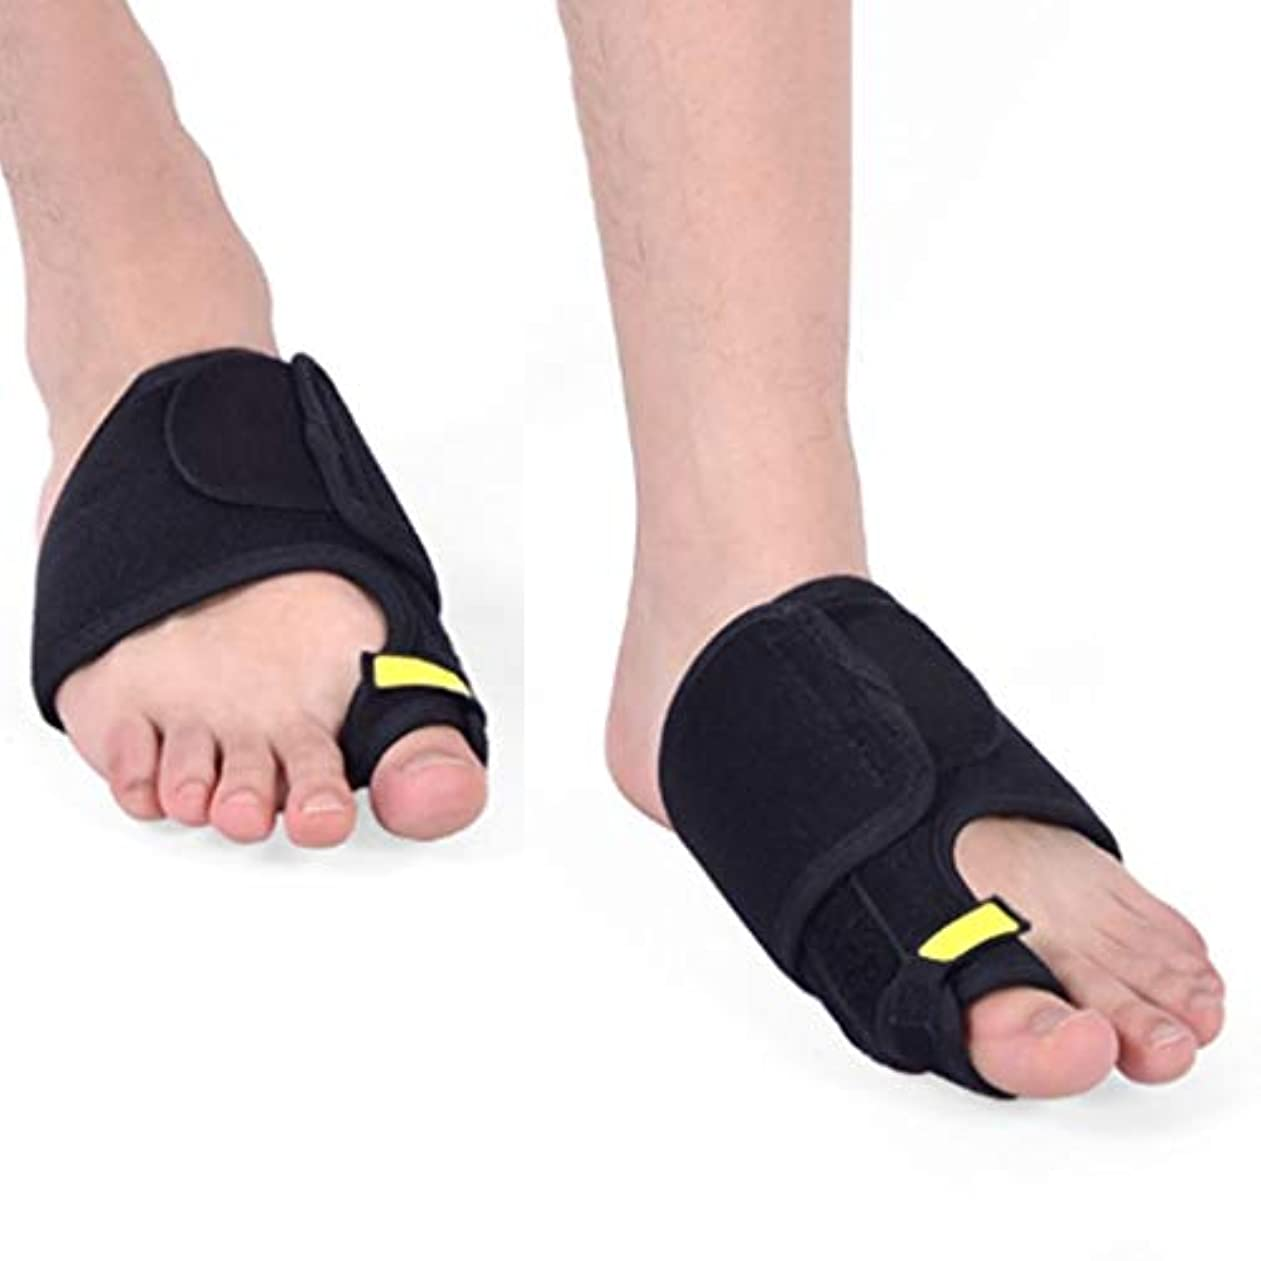 気まぐれな秋追放外反母趾の補正は、足の親指の外反母趾補正は、との完全な夜で外反母趾補正を恐喝されます